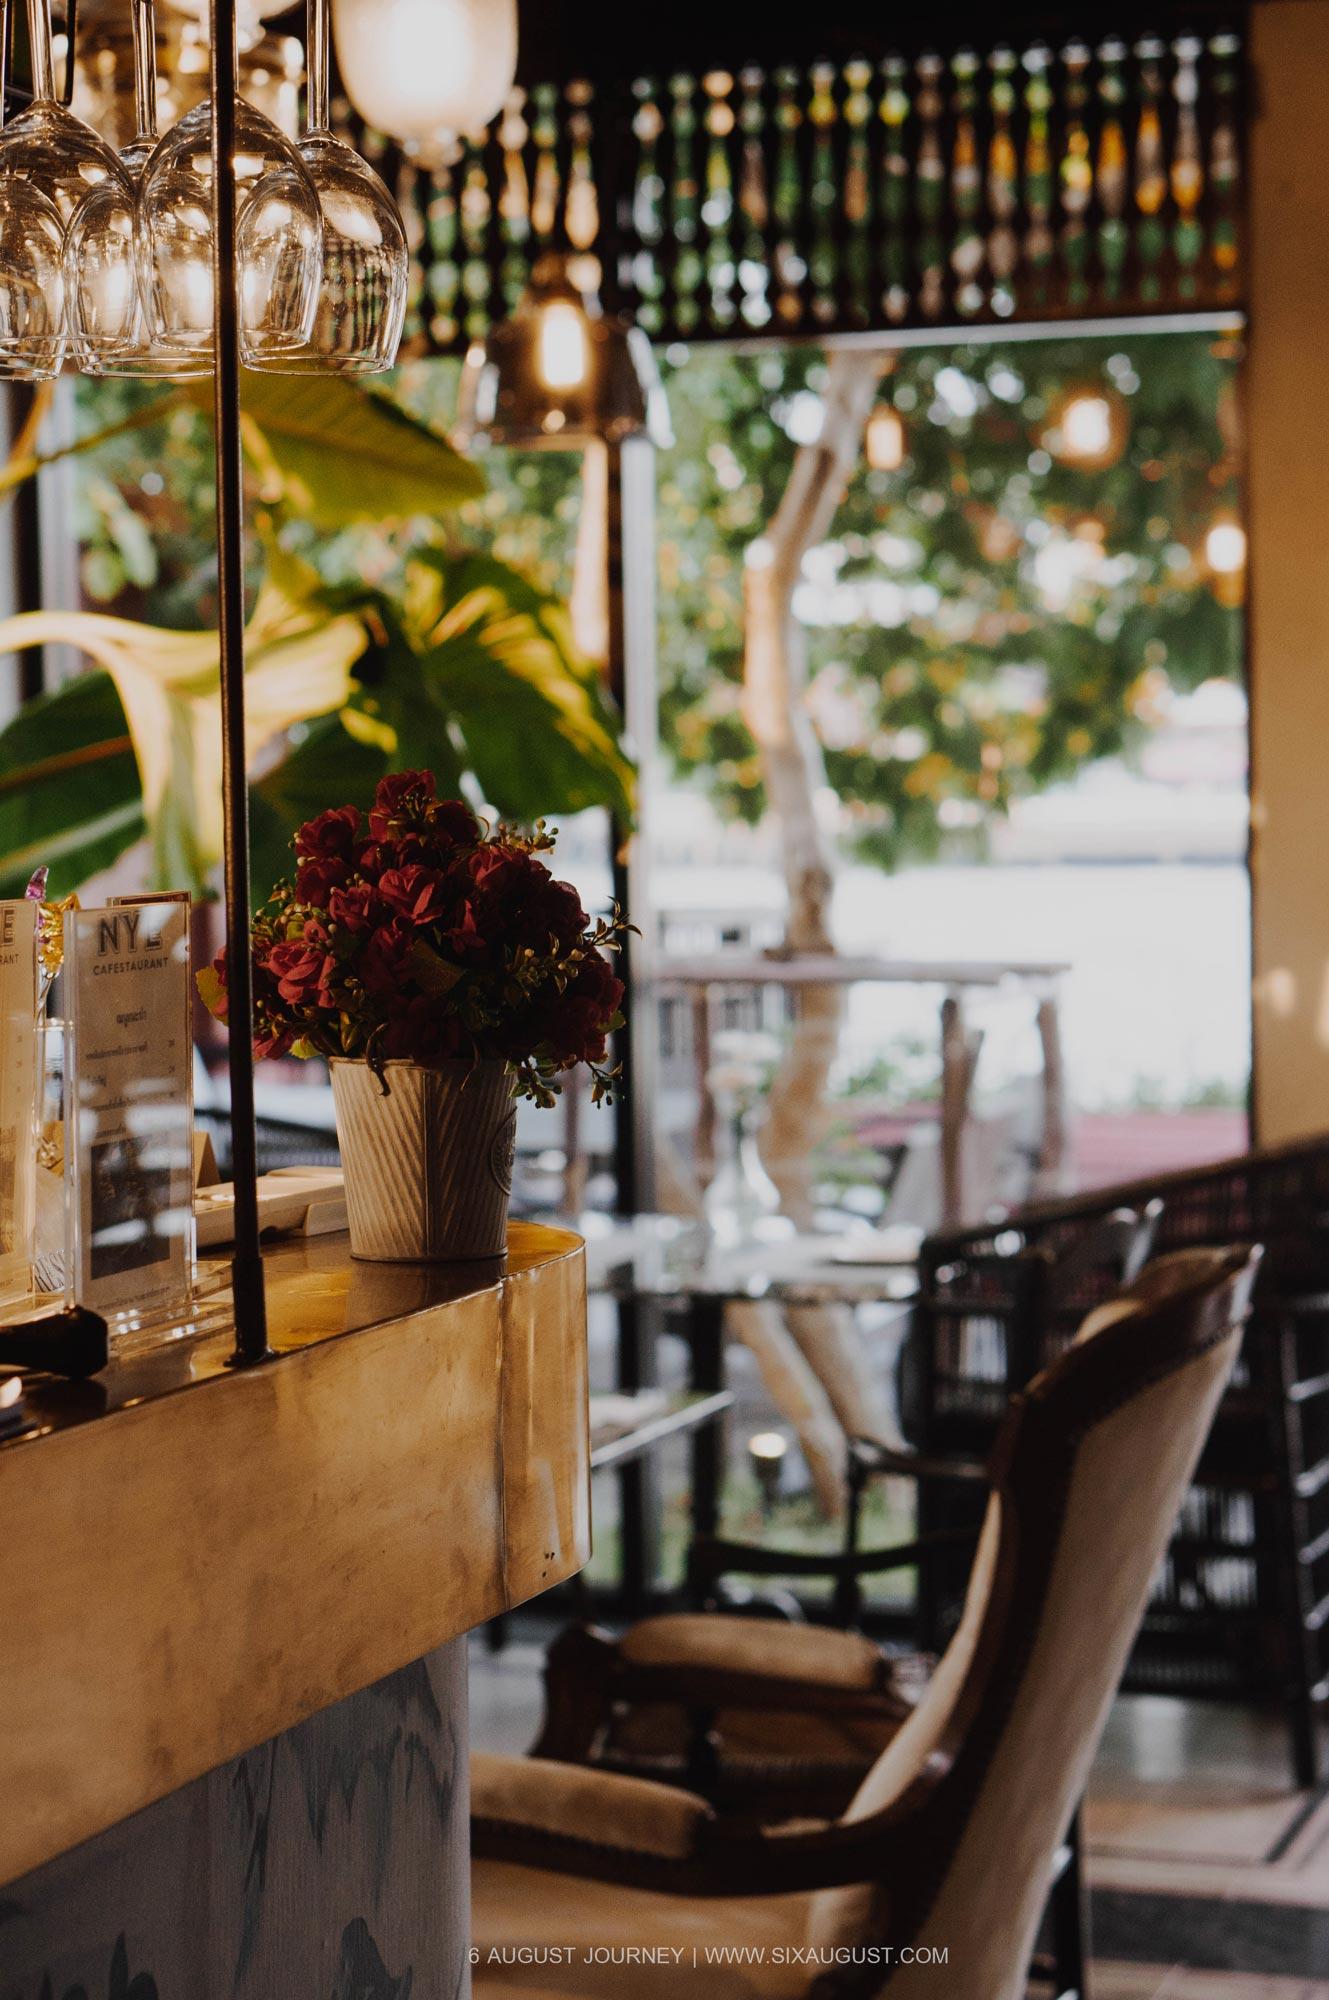 เคาเตอร์ ร้าน Nye Cafestaurant